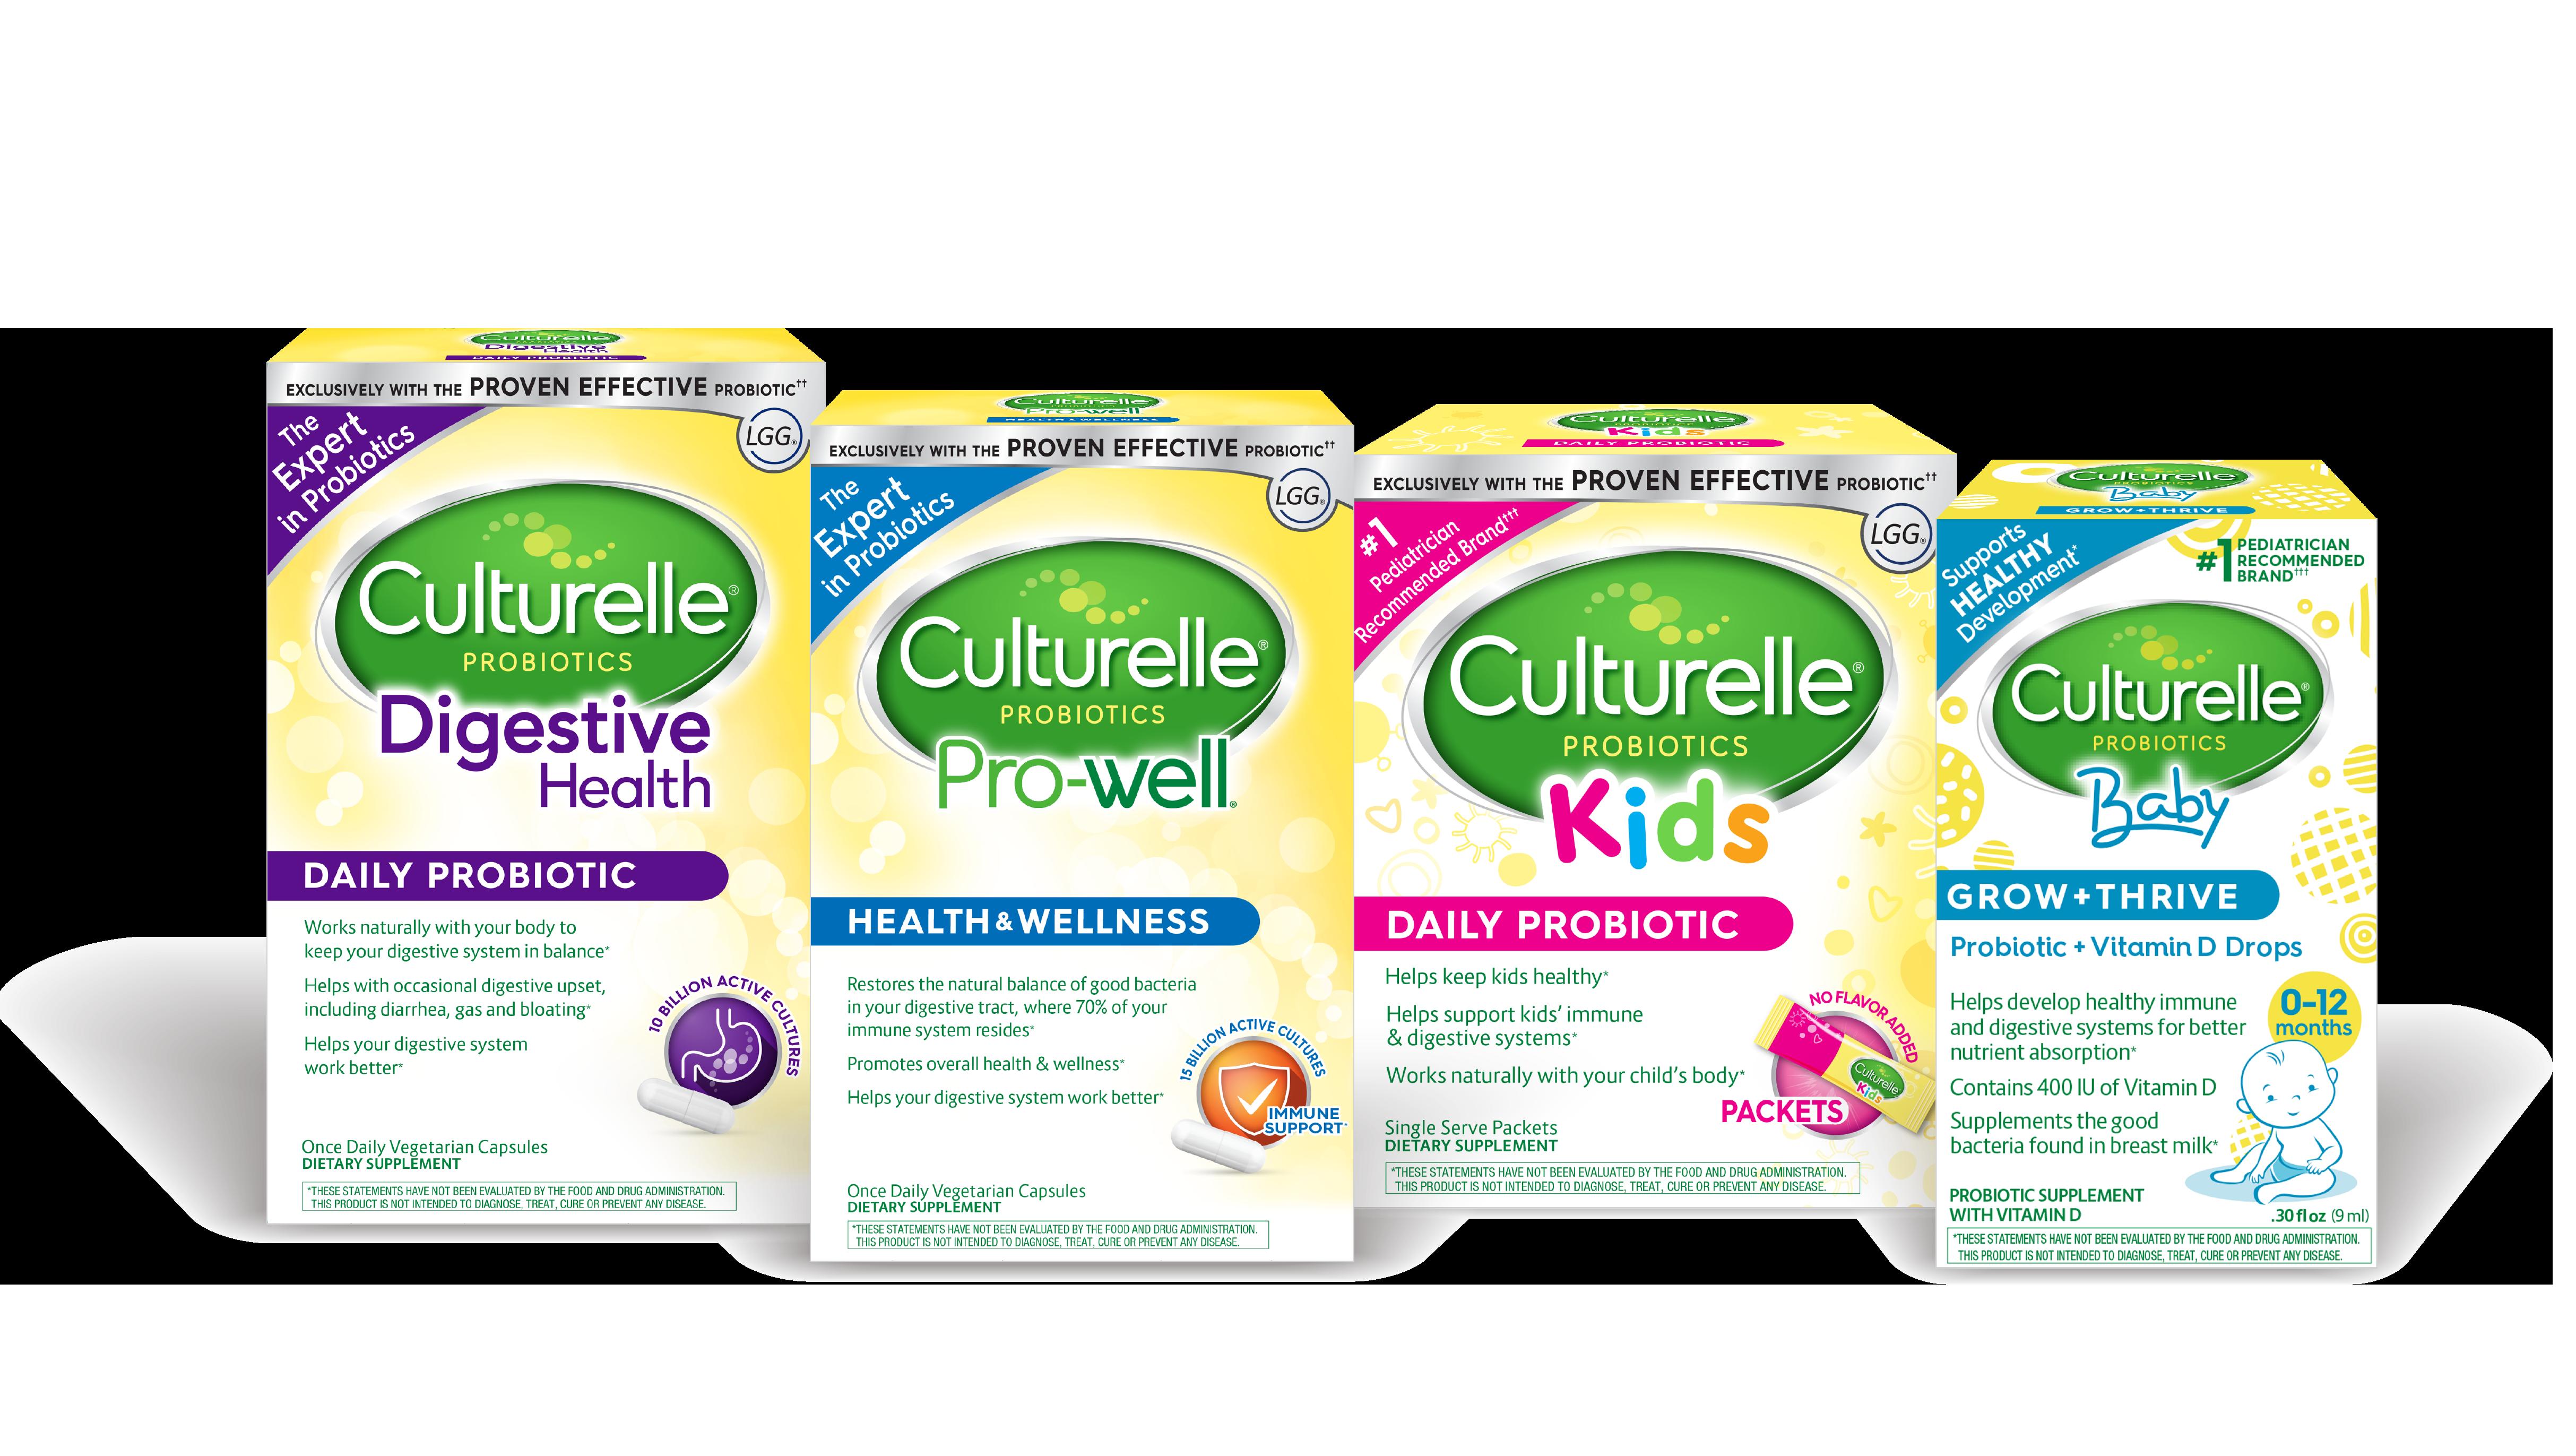 Culturelle product boxes